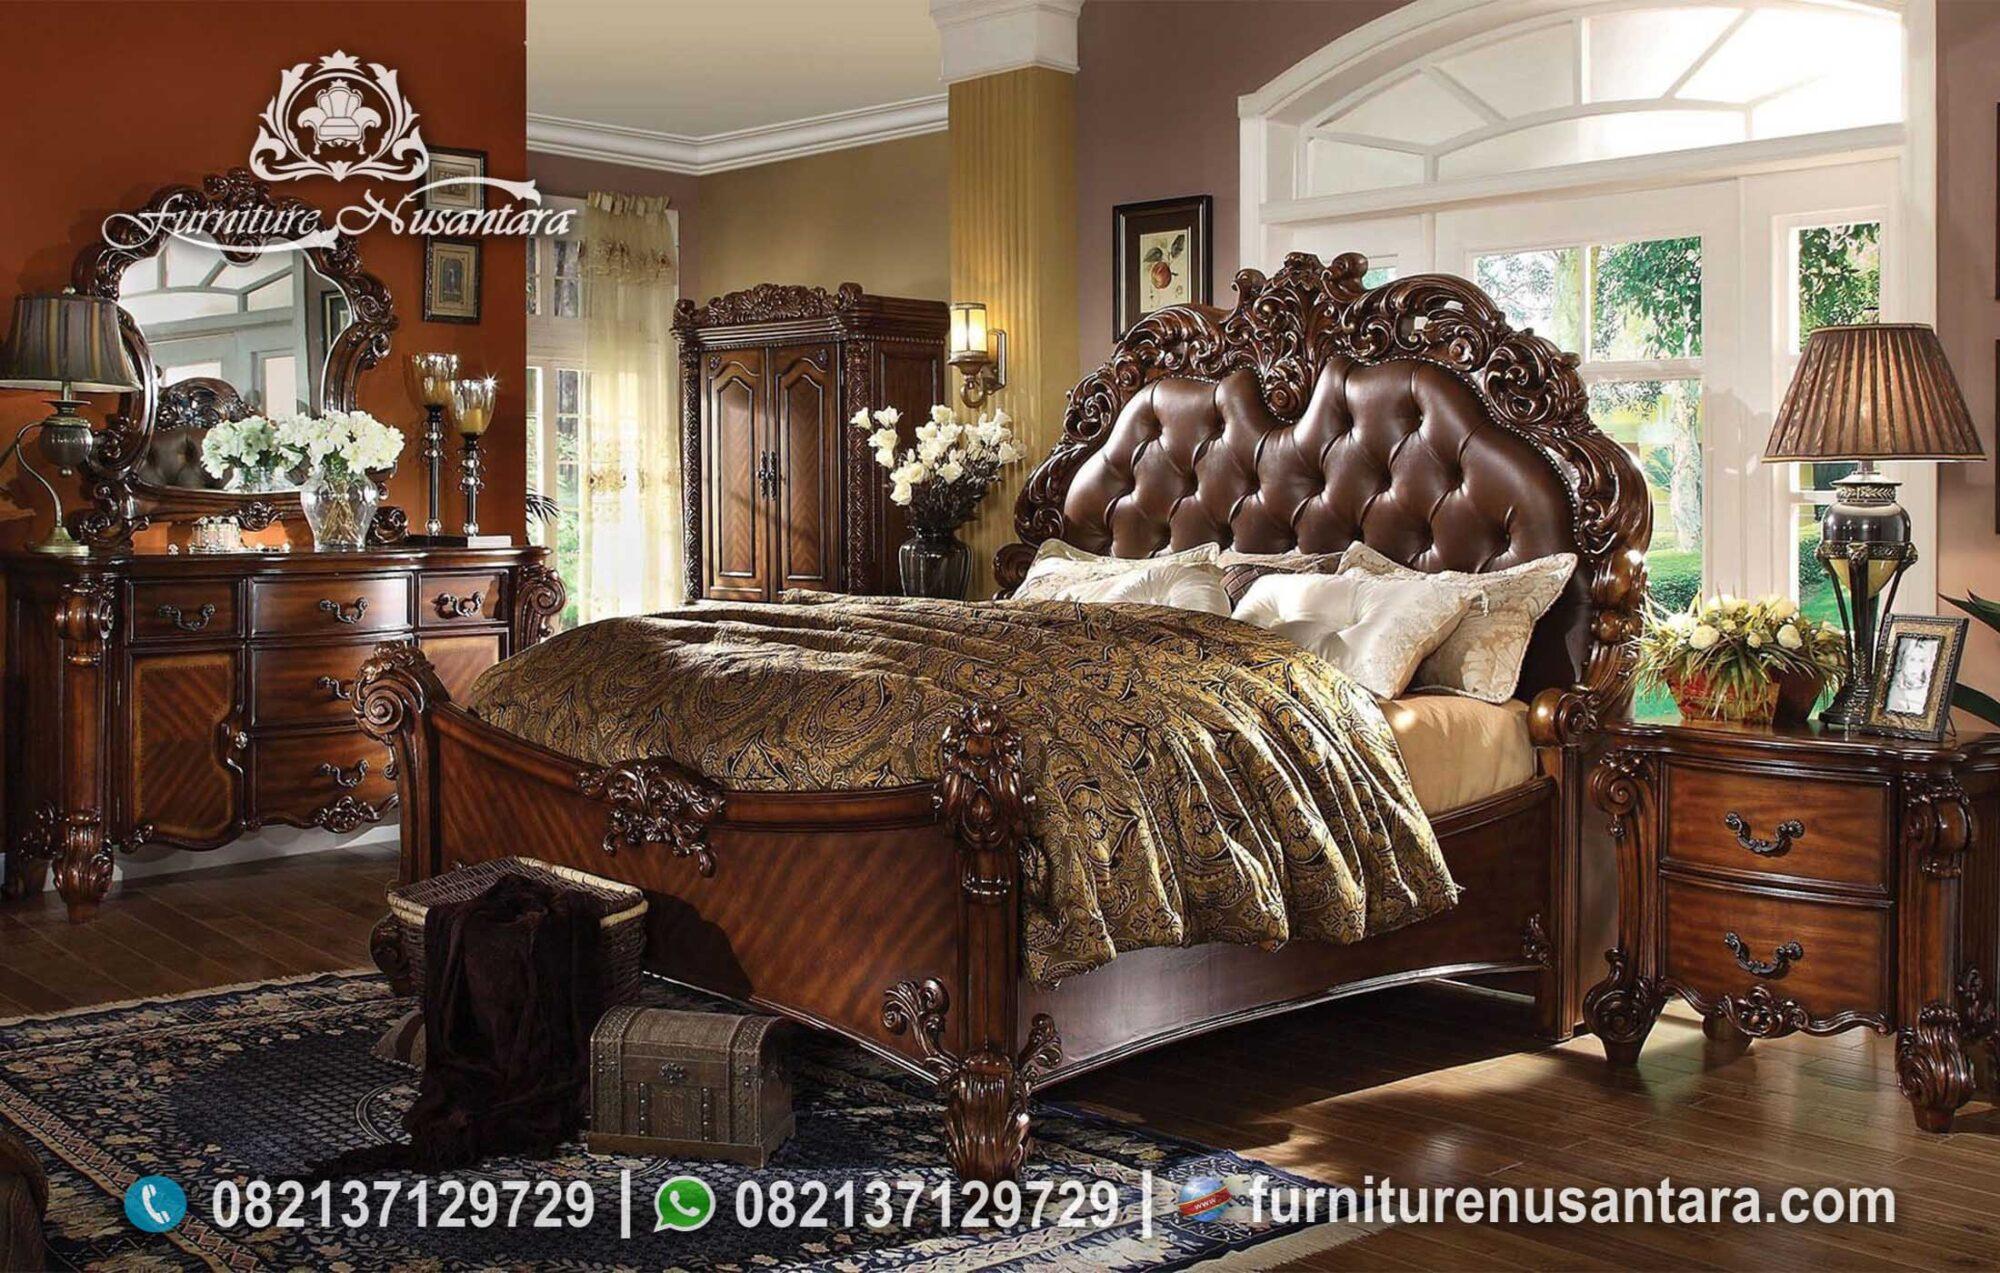 Desain Tempat Tidur Ukir Coklat KS-216, Furniture Nusantara